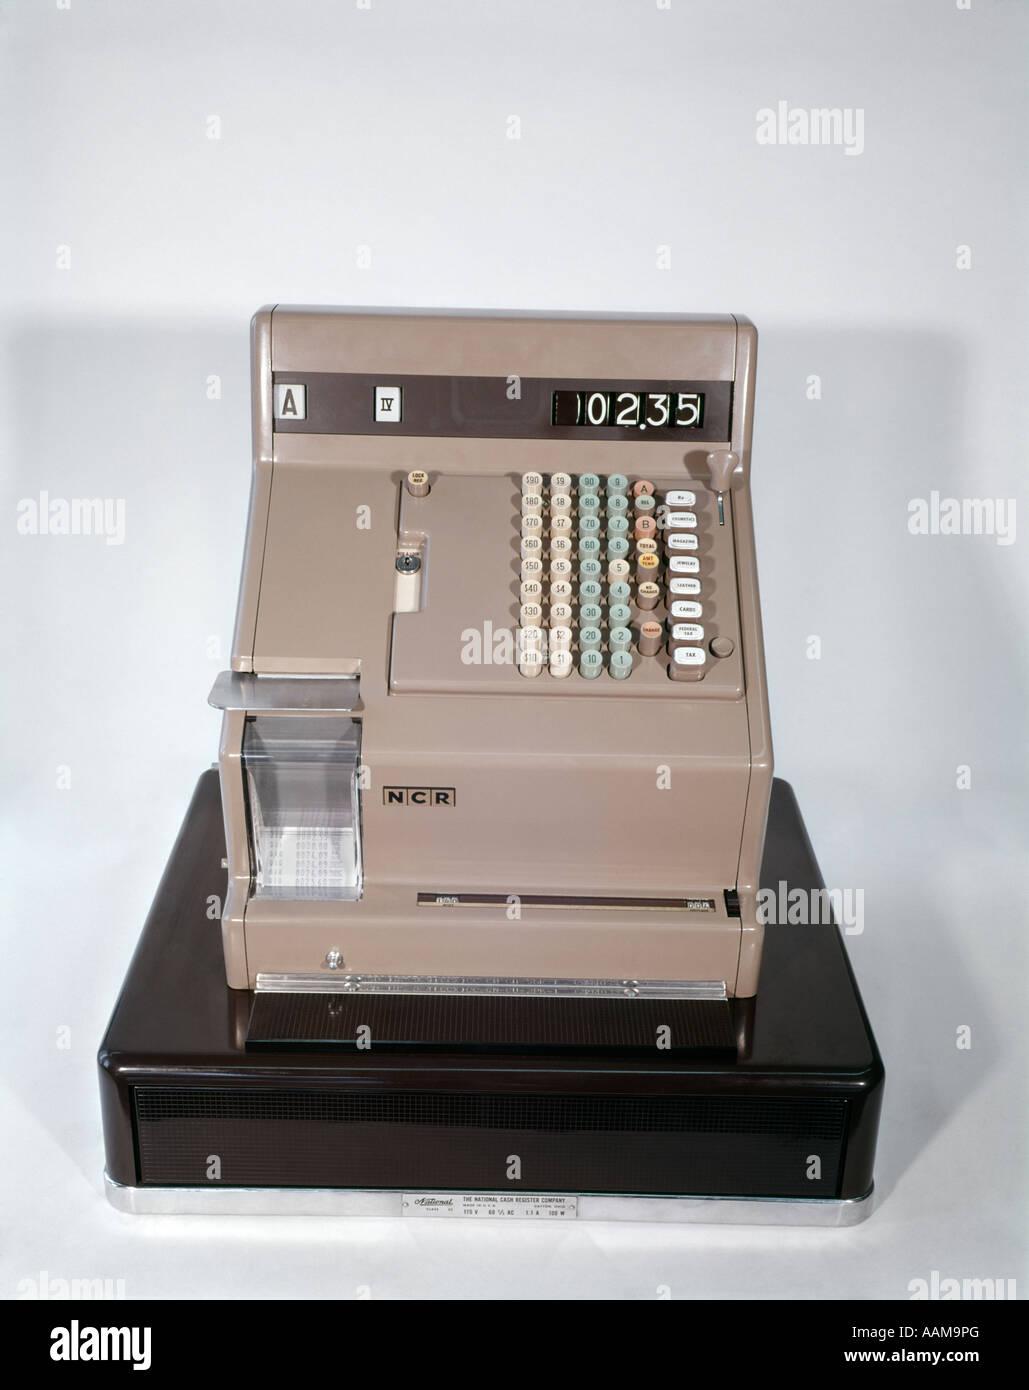 RETRO CASH REGISTER MONEY ADDING MACHINE - Stock Image